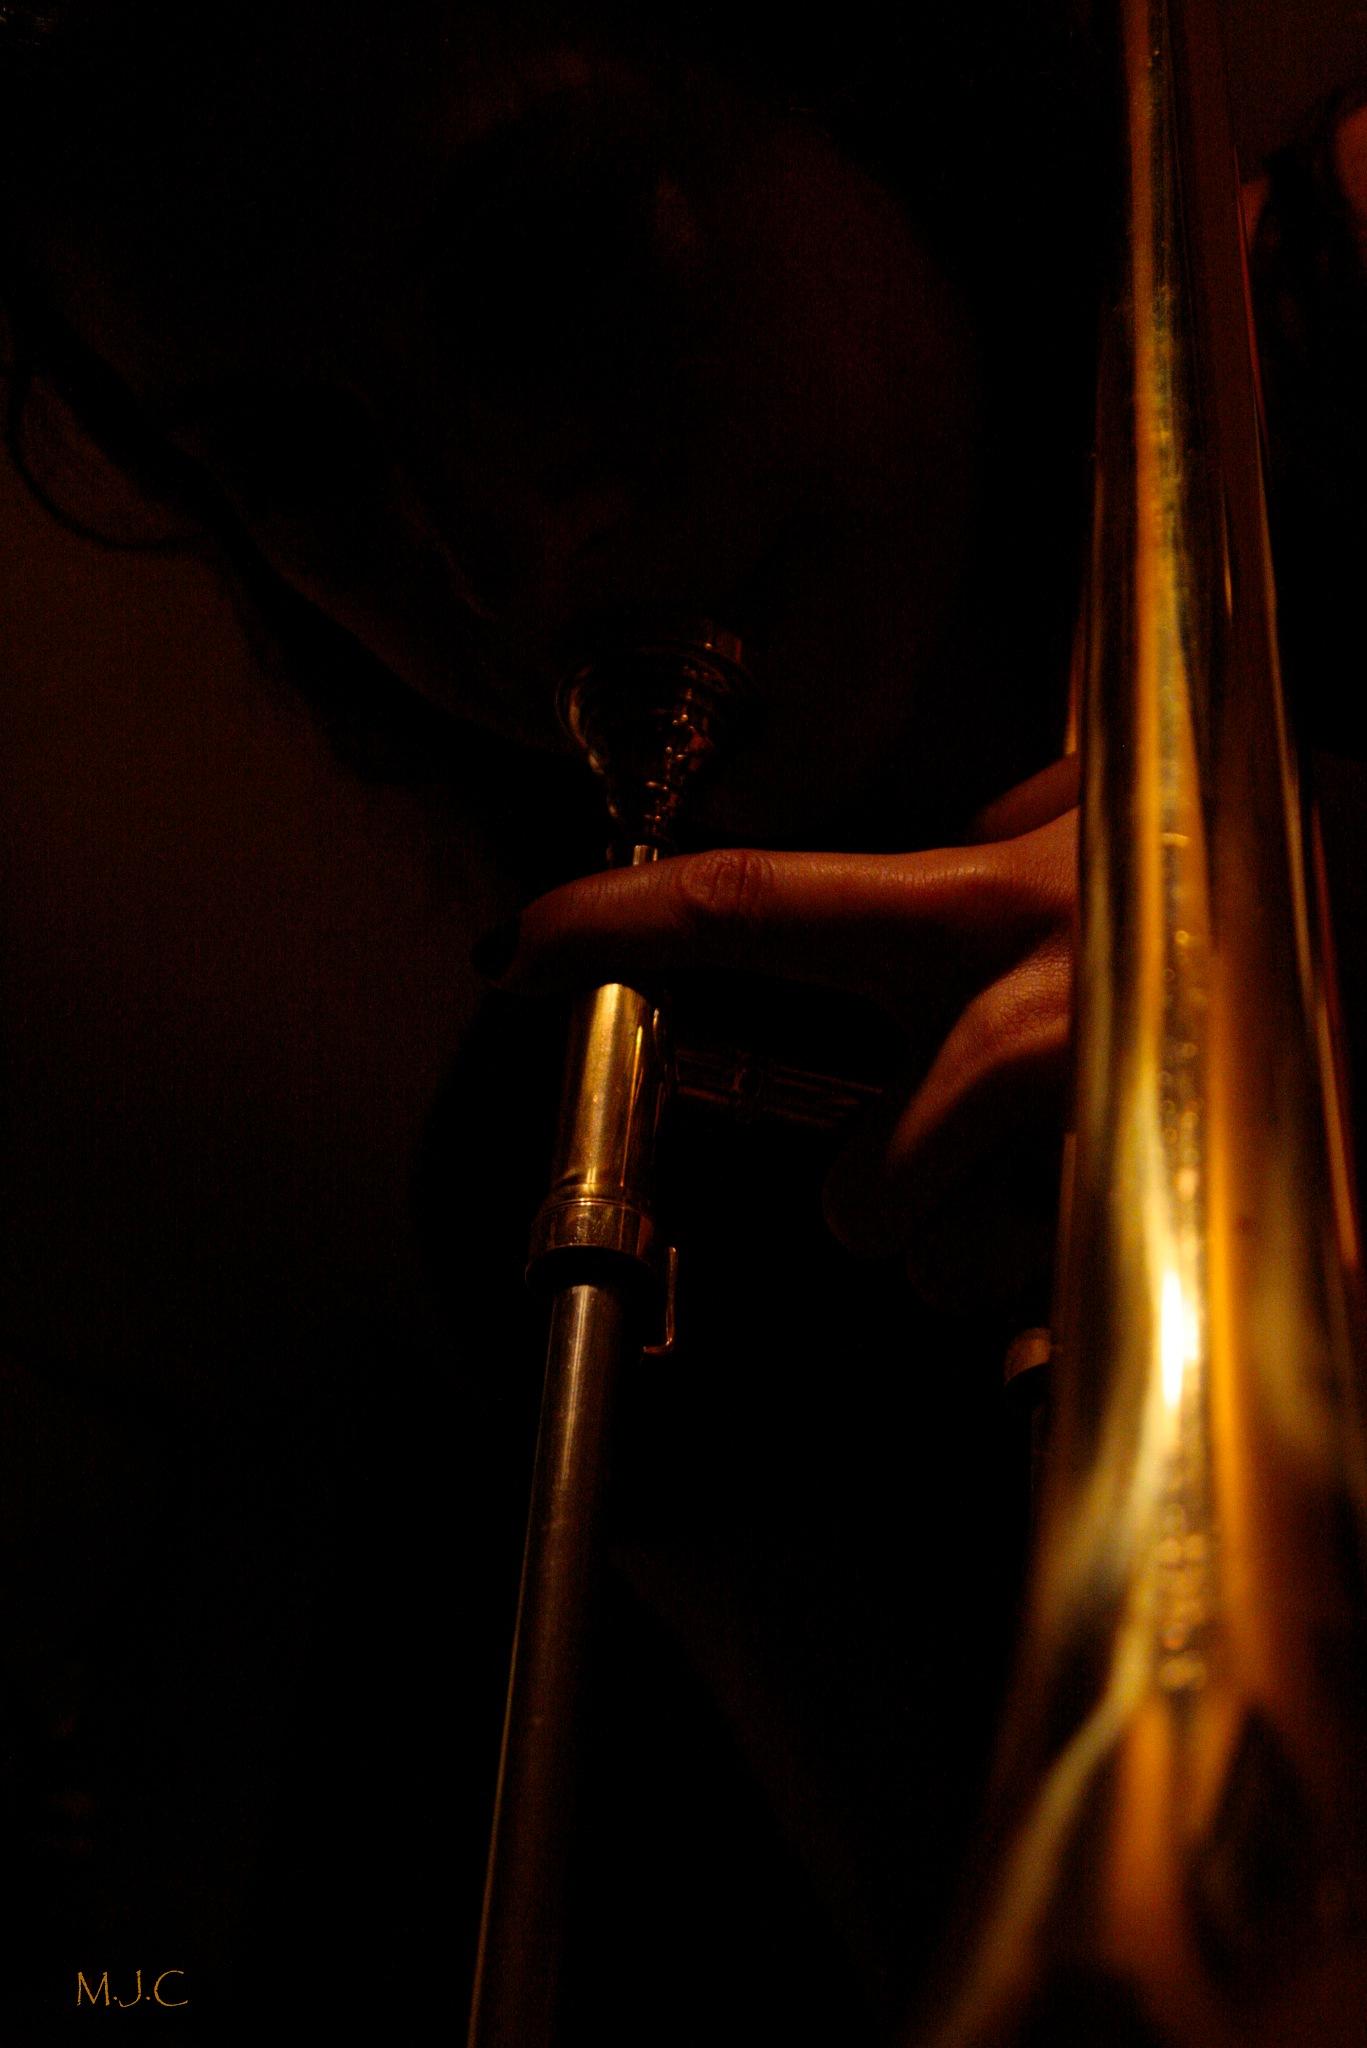 Golden by Julieta